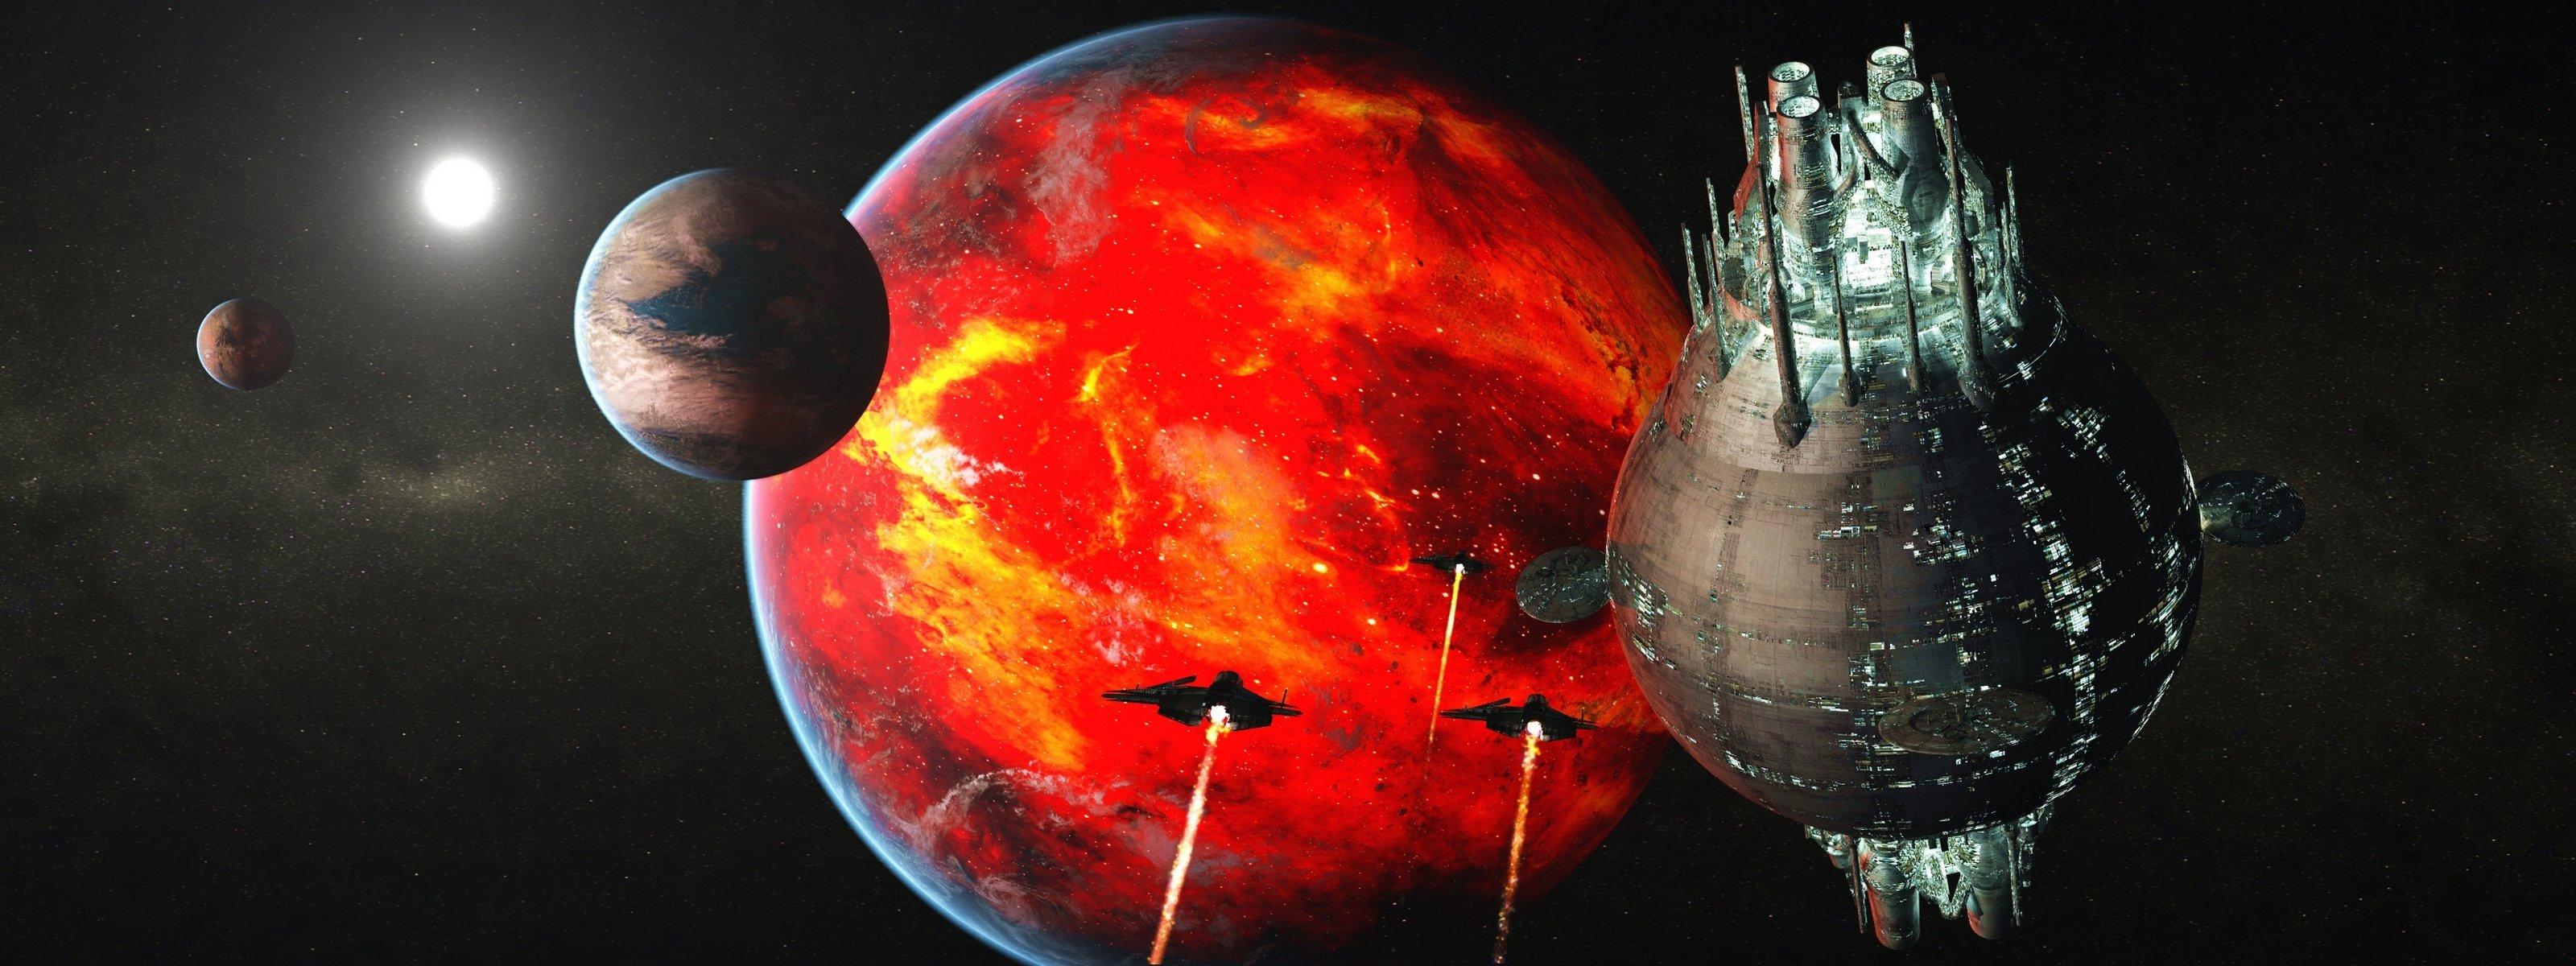 Обои огненная планета картинки на рабочий стол на тему Космос - скачать  № 433866  скачать